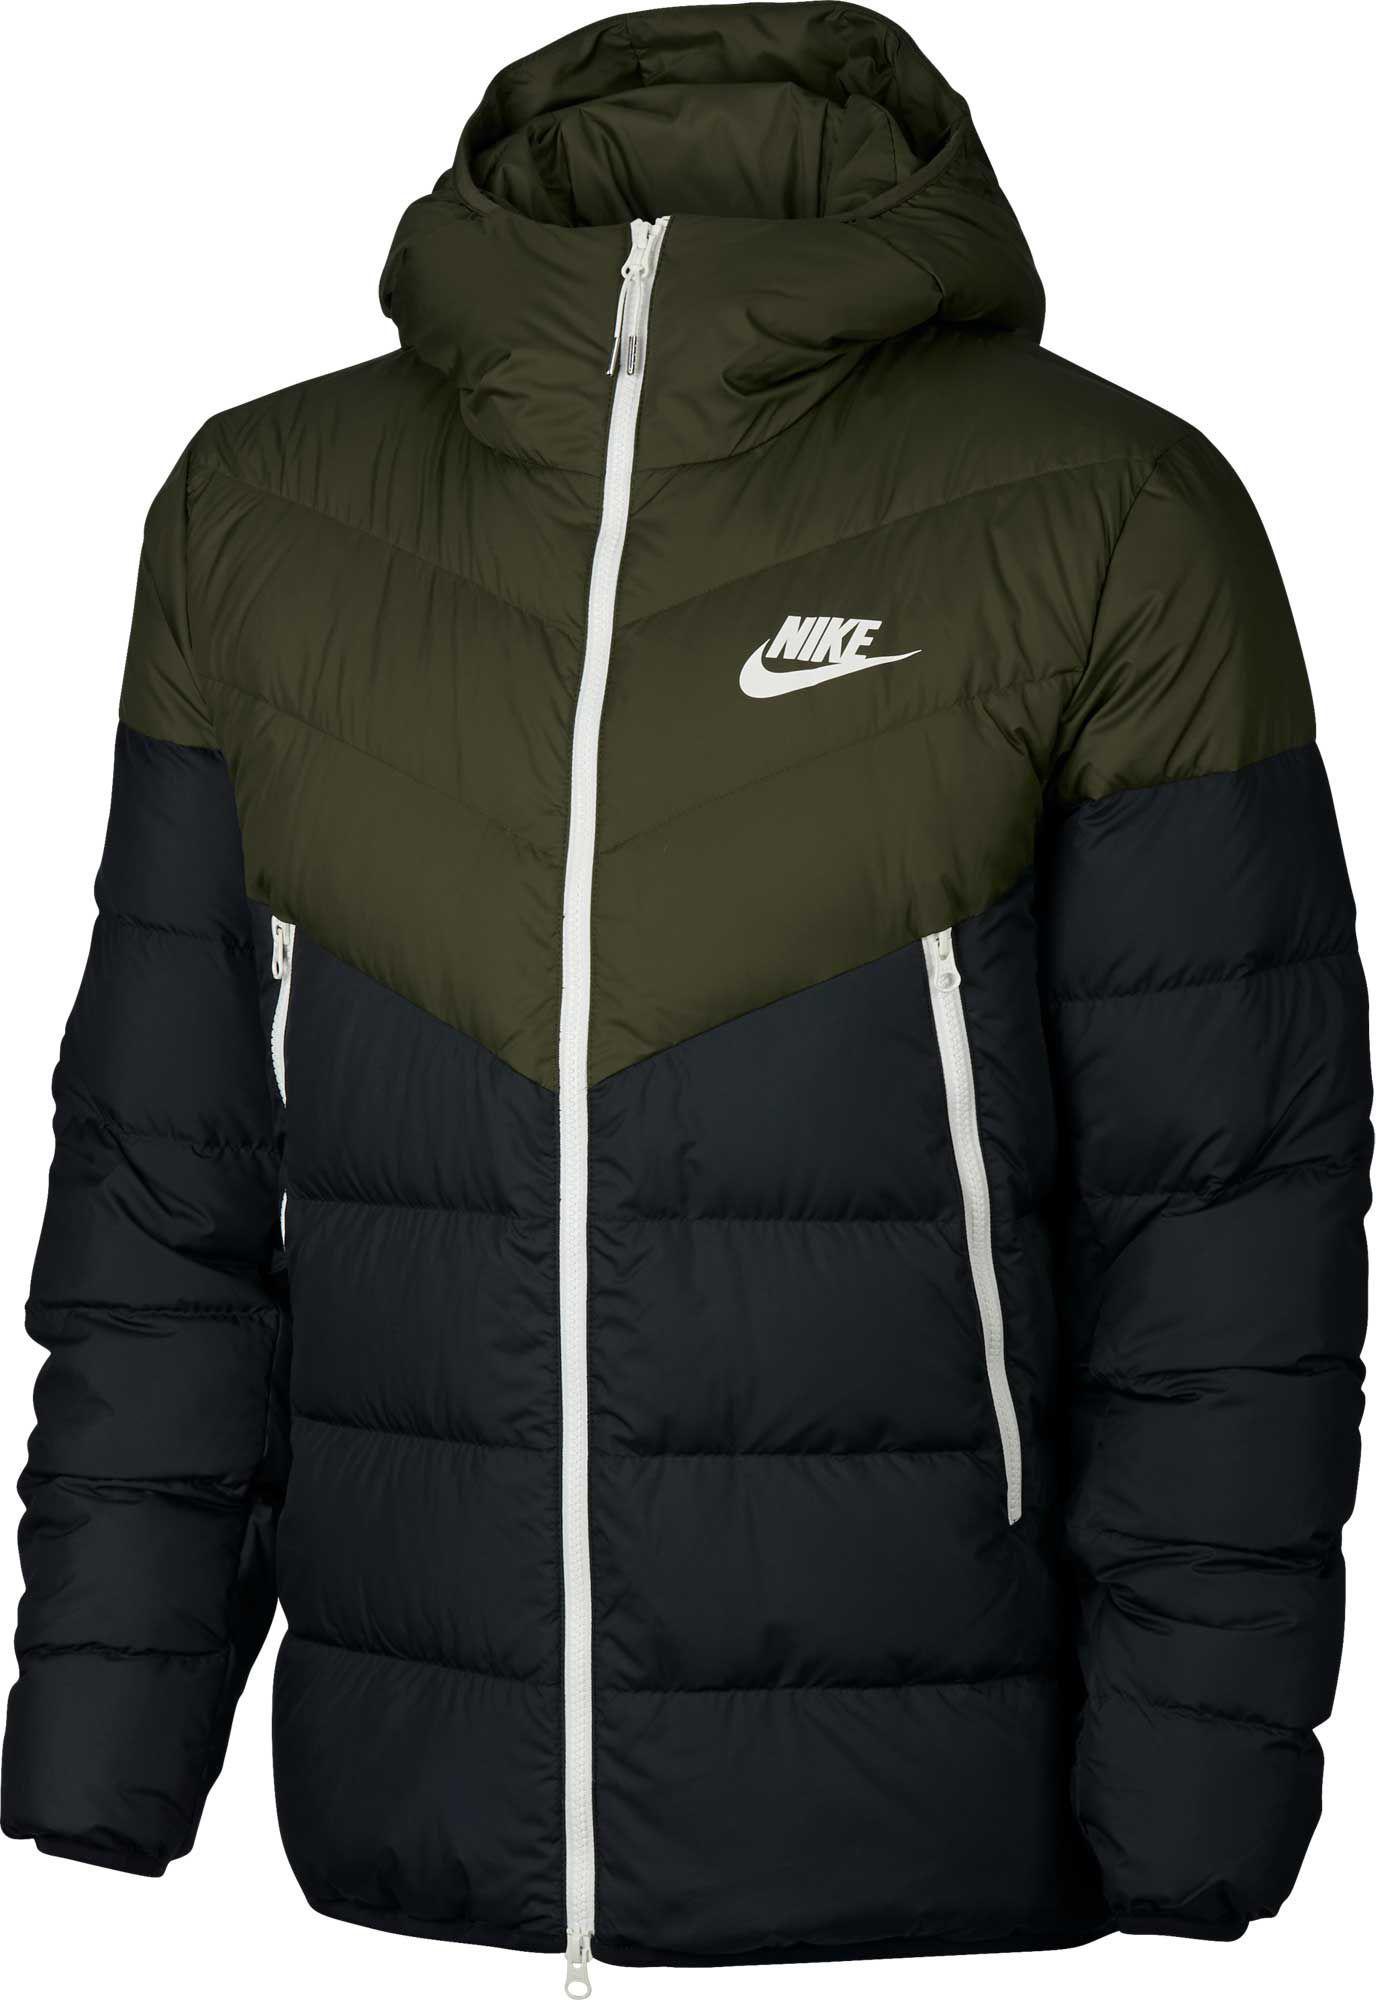 ae07dc38bd Lyst - Nike Sportswear Windrunner Down Jacket in Black for Men